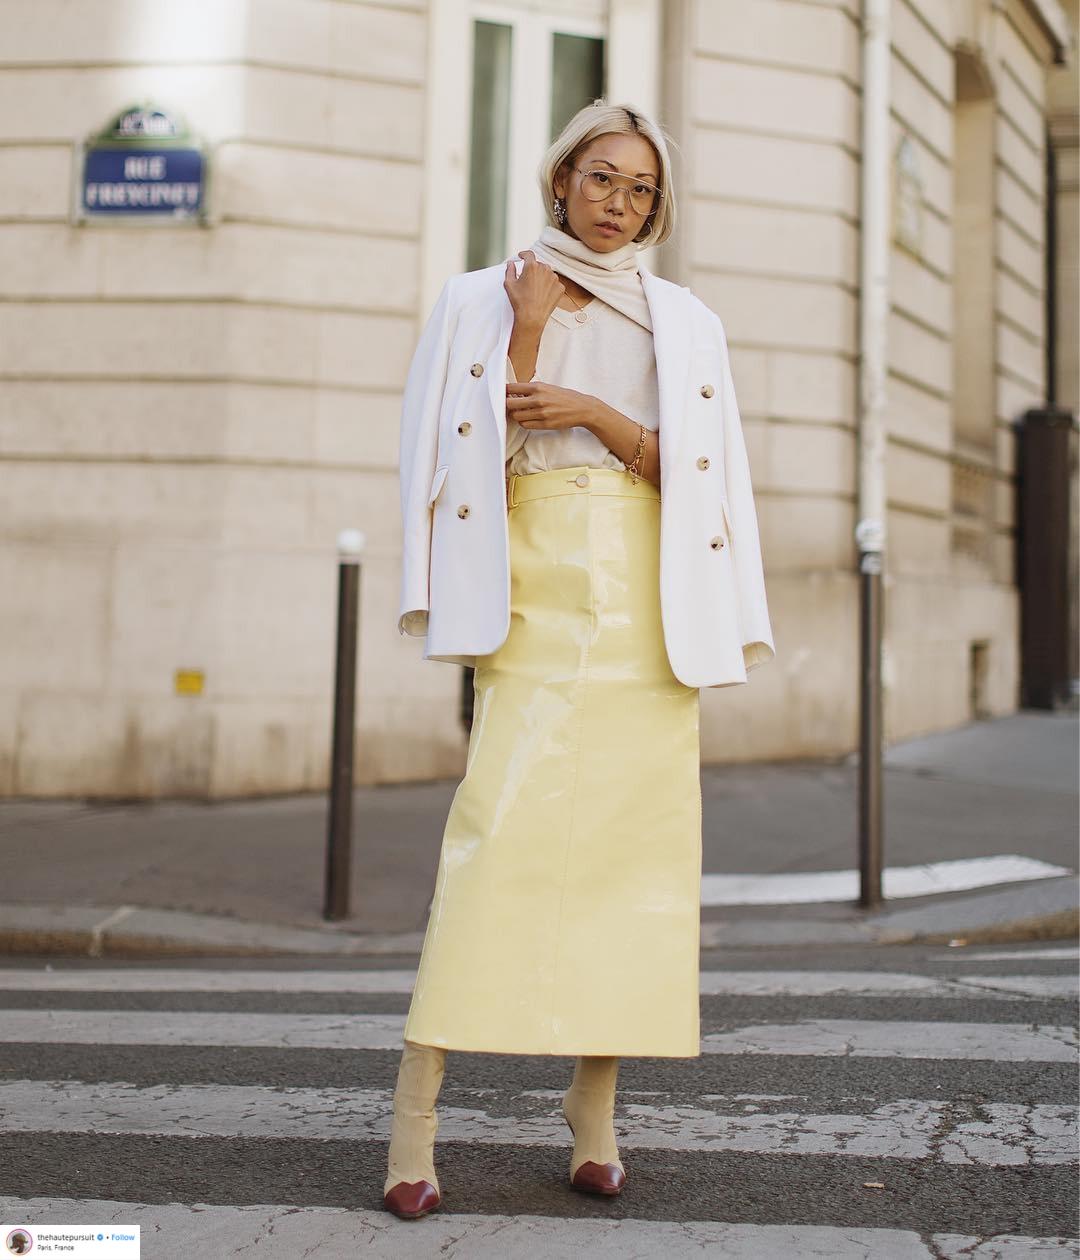 fashion influencer sở hữu phong cách thời trang và khả năng kinh doanh ấn tượng 12